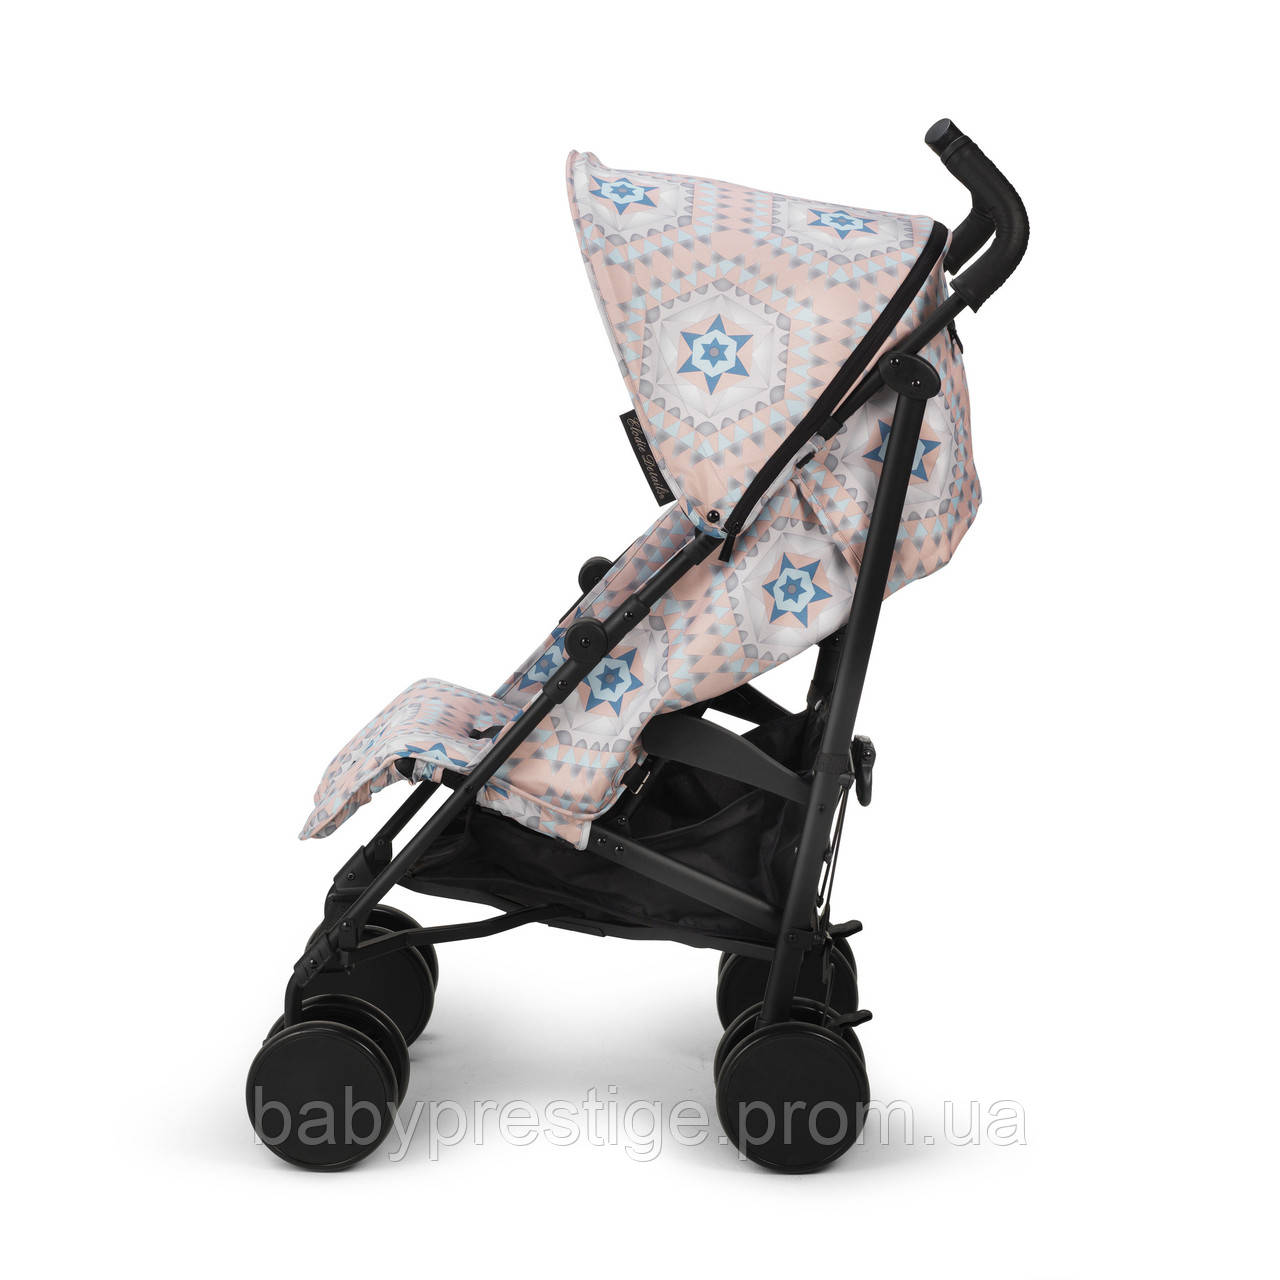 Детская коляска-трость Elodie Details Stockholm Stroller Bedouin Stories